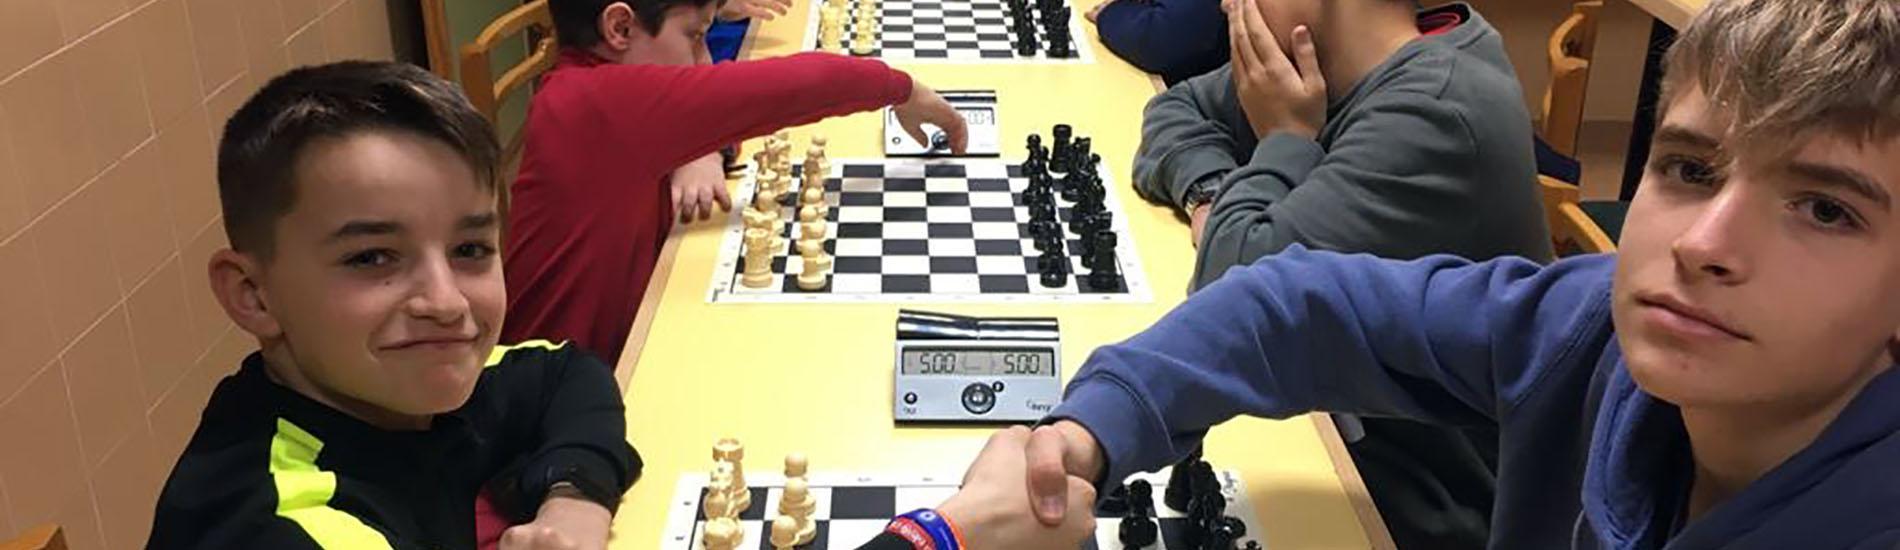 El ajedrez sigue en alza